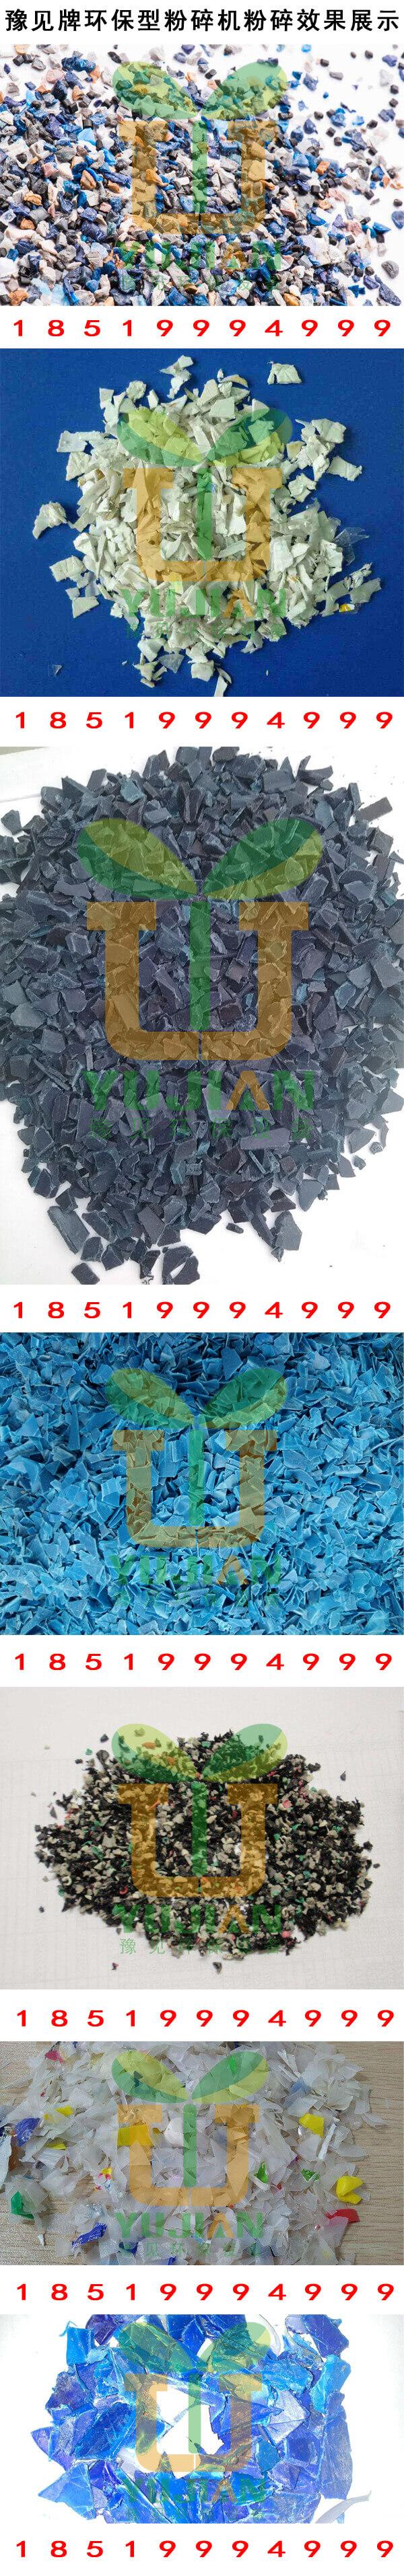 豫见牌环保型塑料粉碎机粉碎效果图